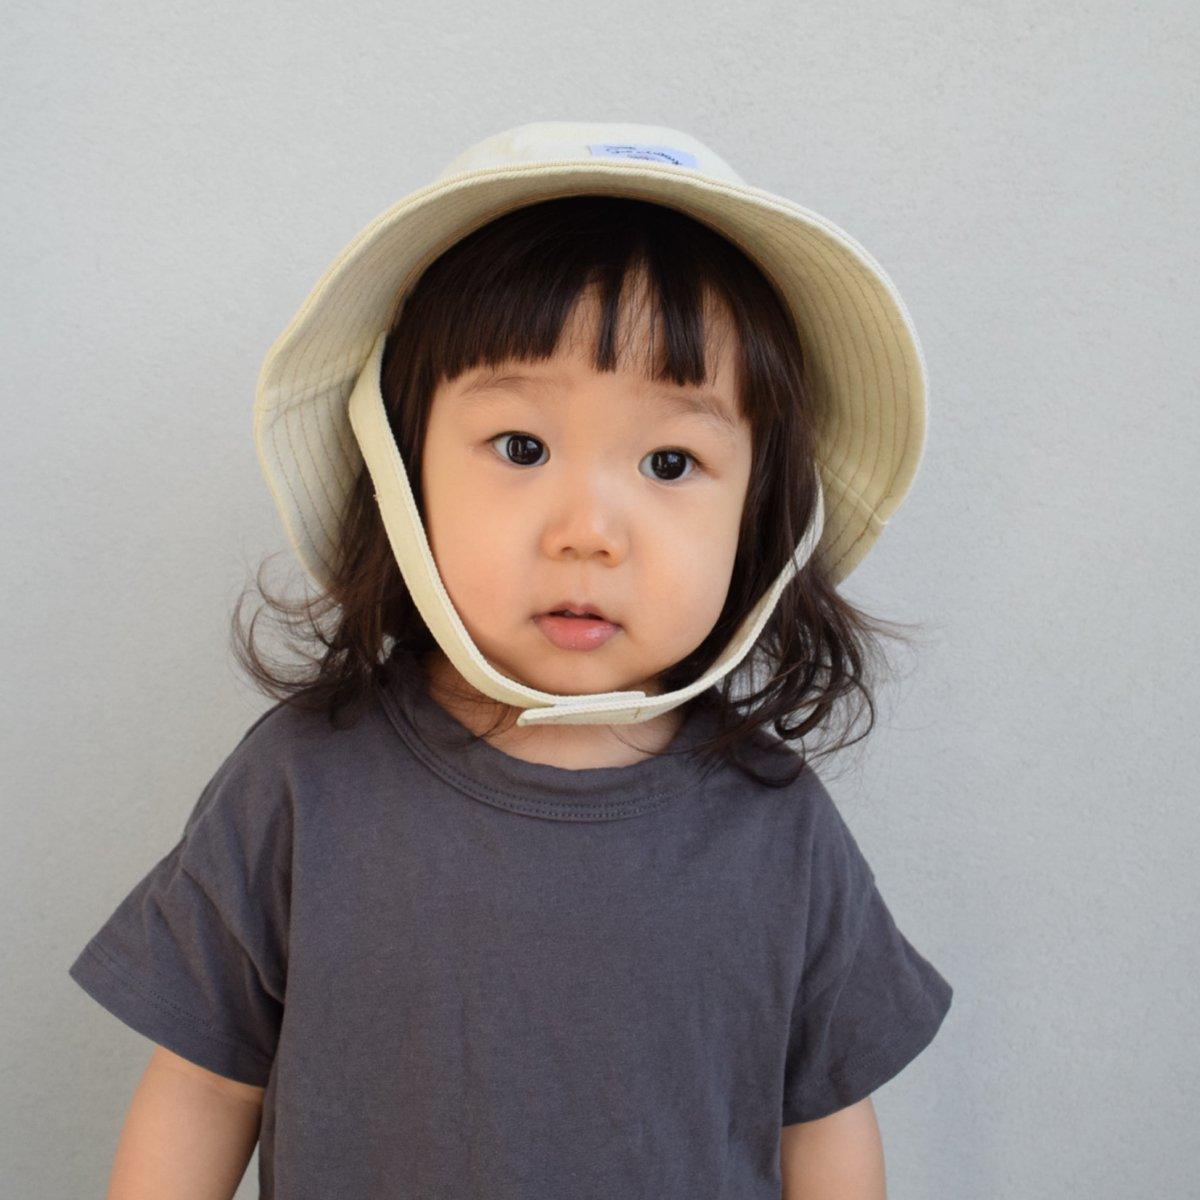 【BABY】Denim Wash Hat 詳細画像18